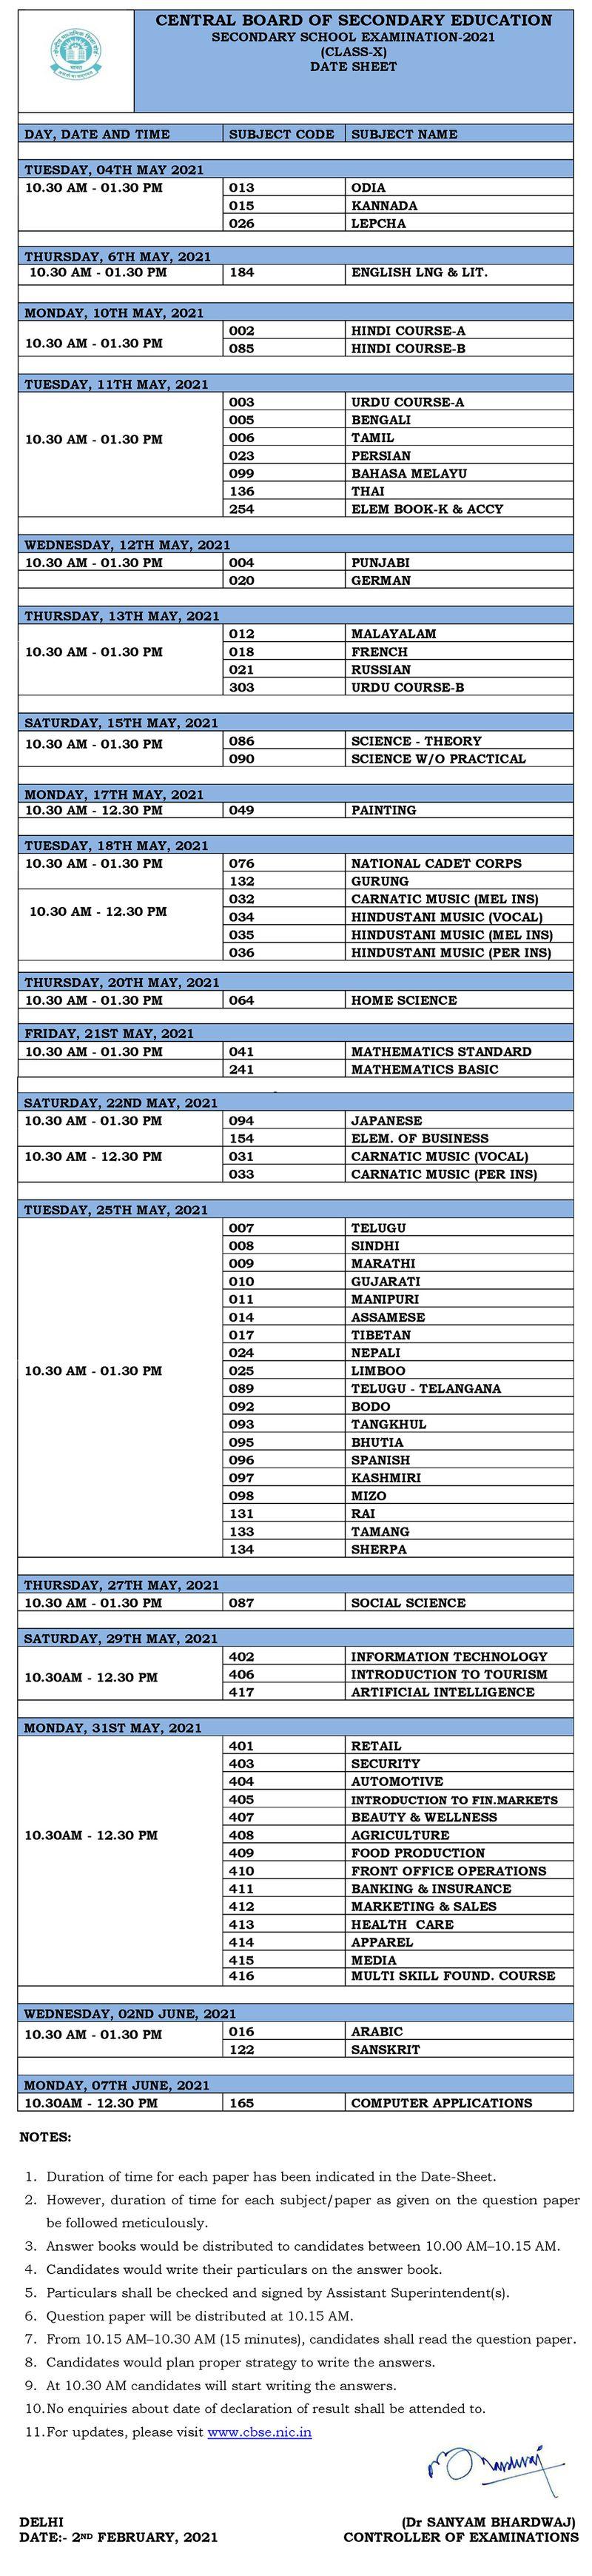 CBSE exam schedule